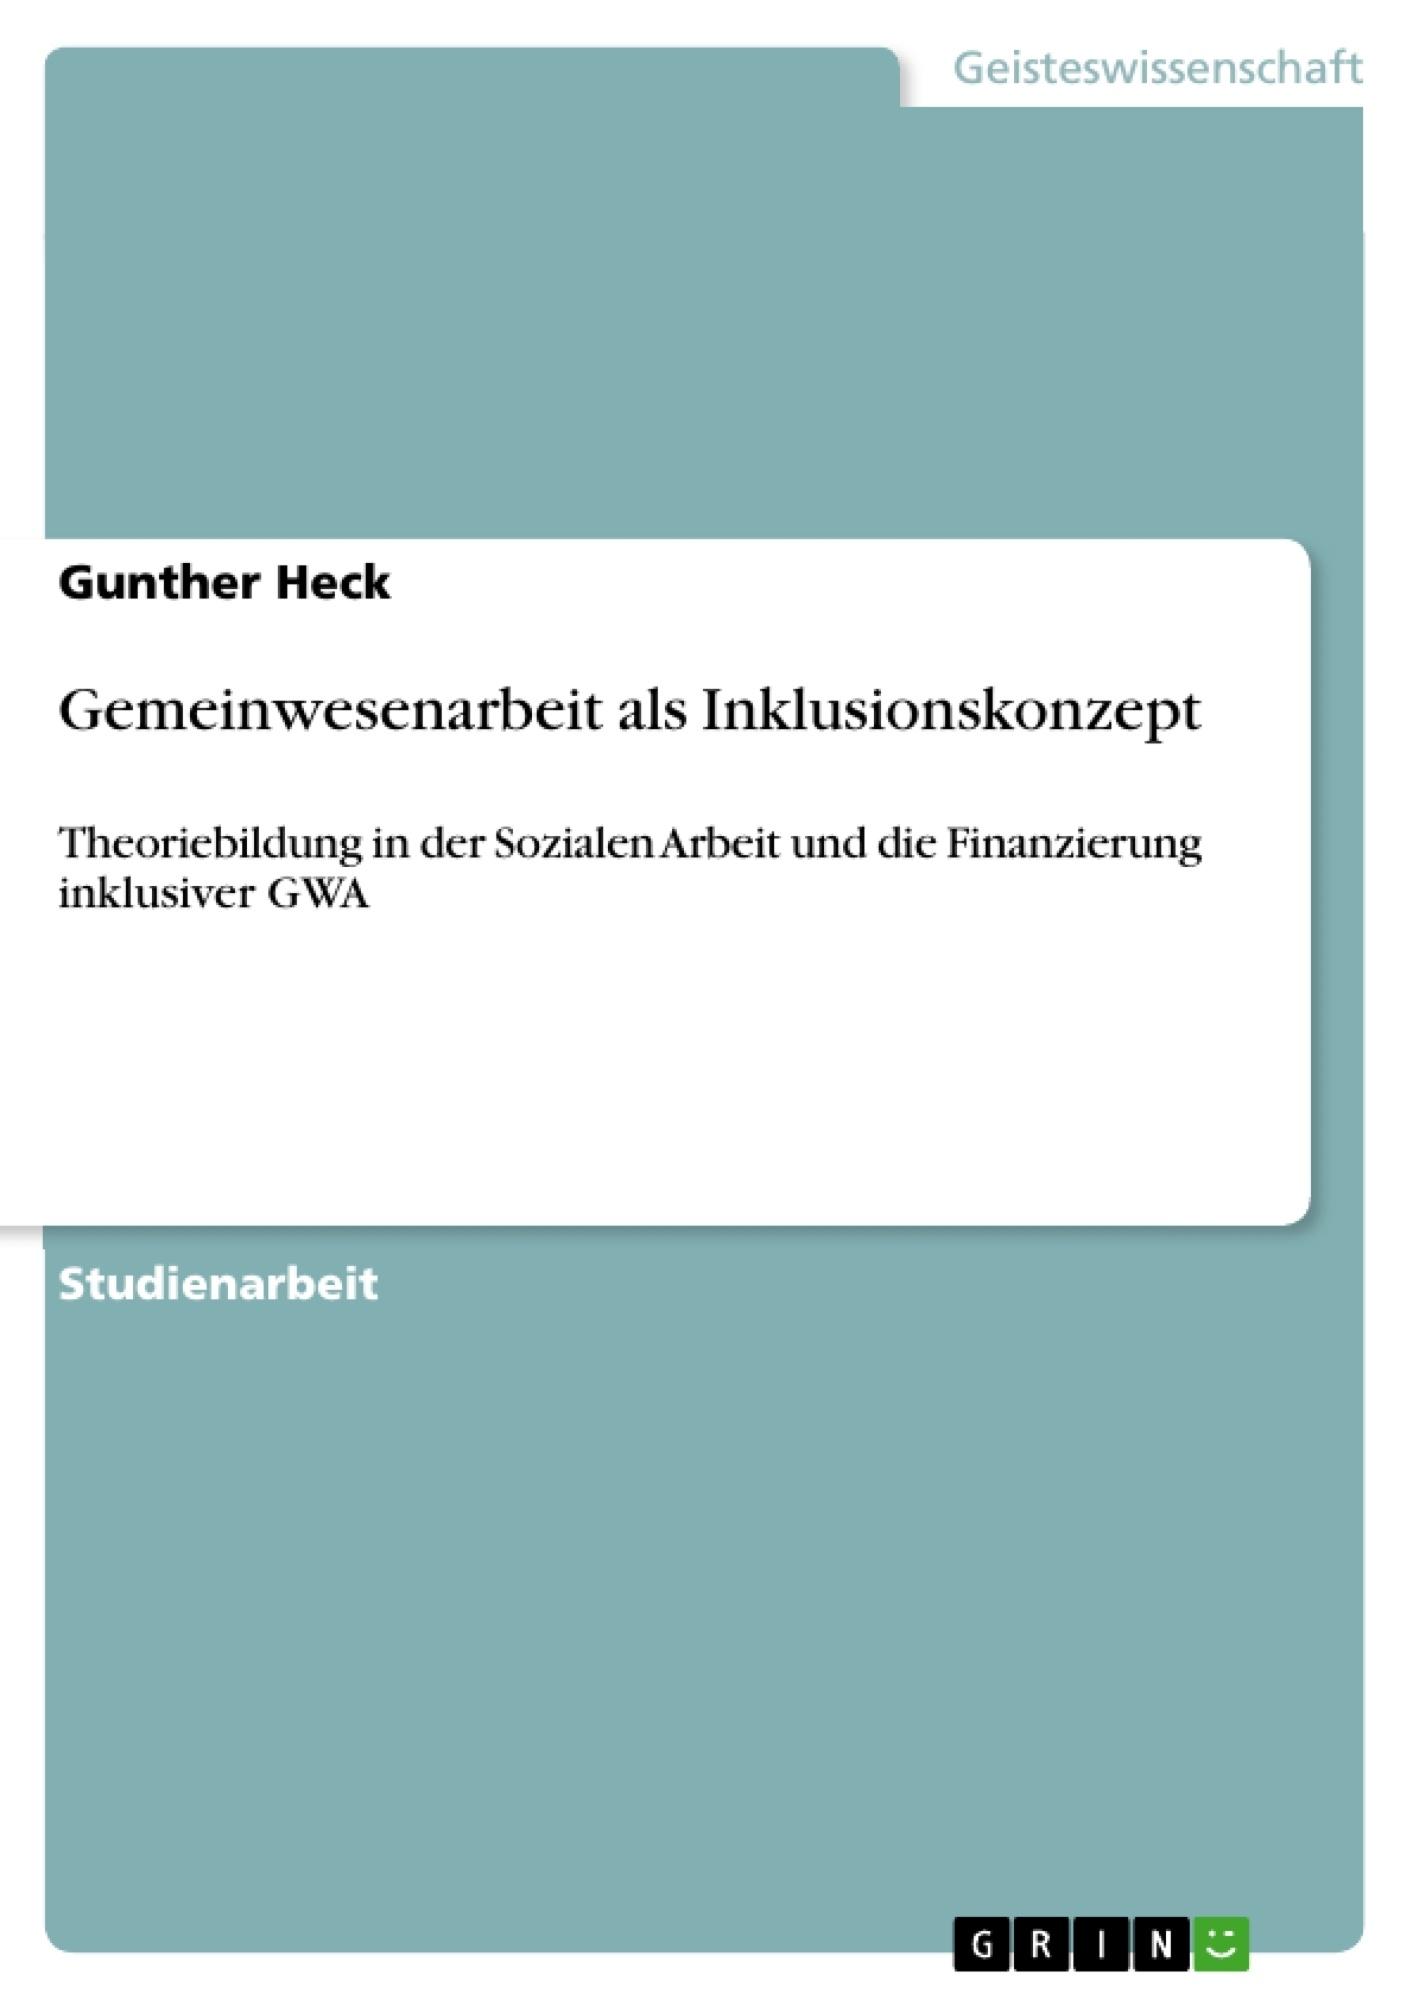 Titel: Gemeinwesenarbeit als Inklusionskonzept